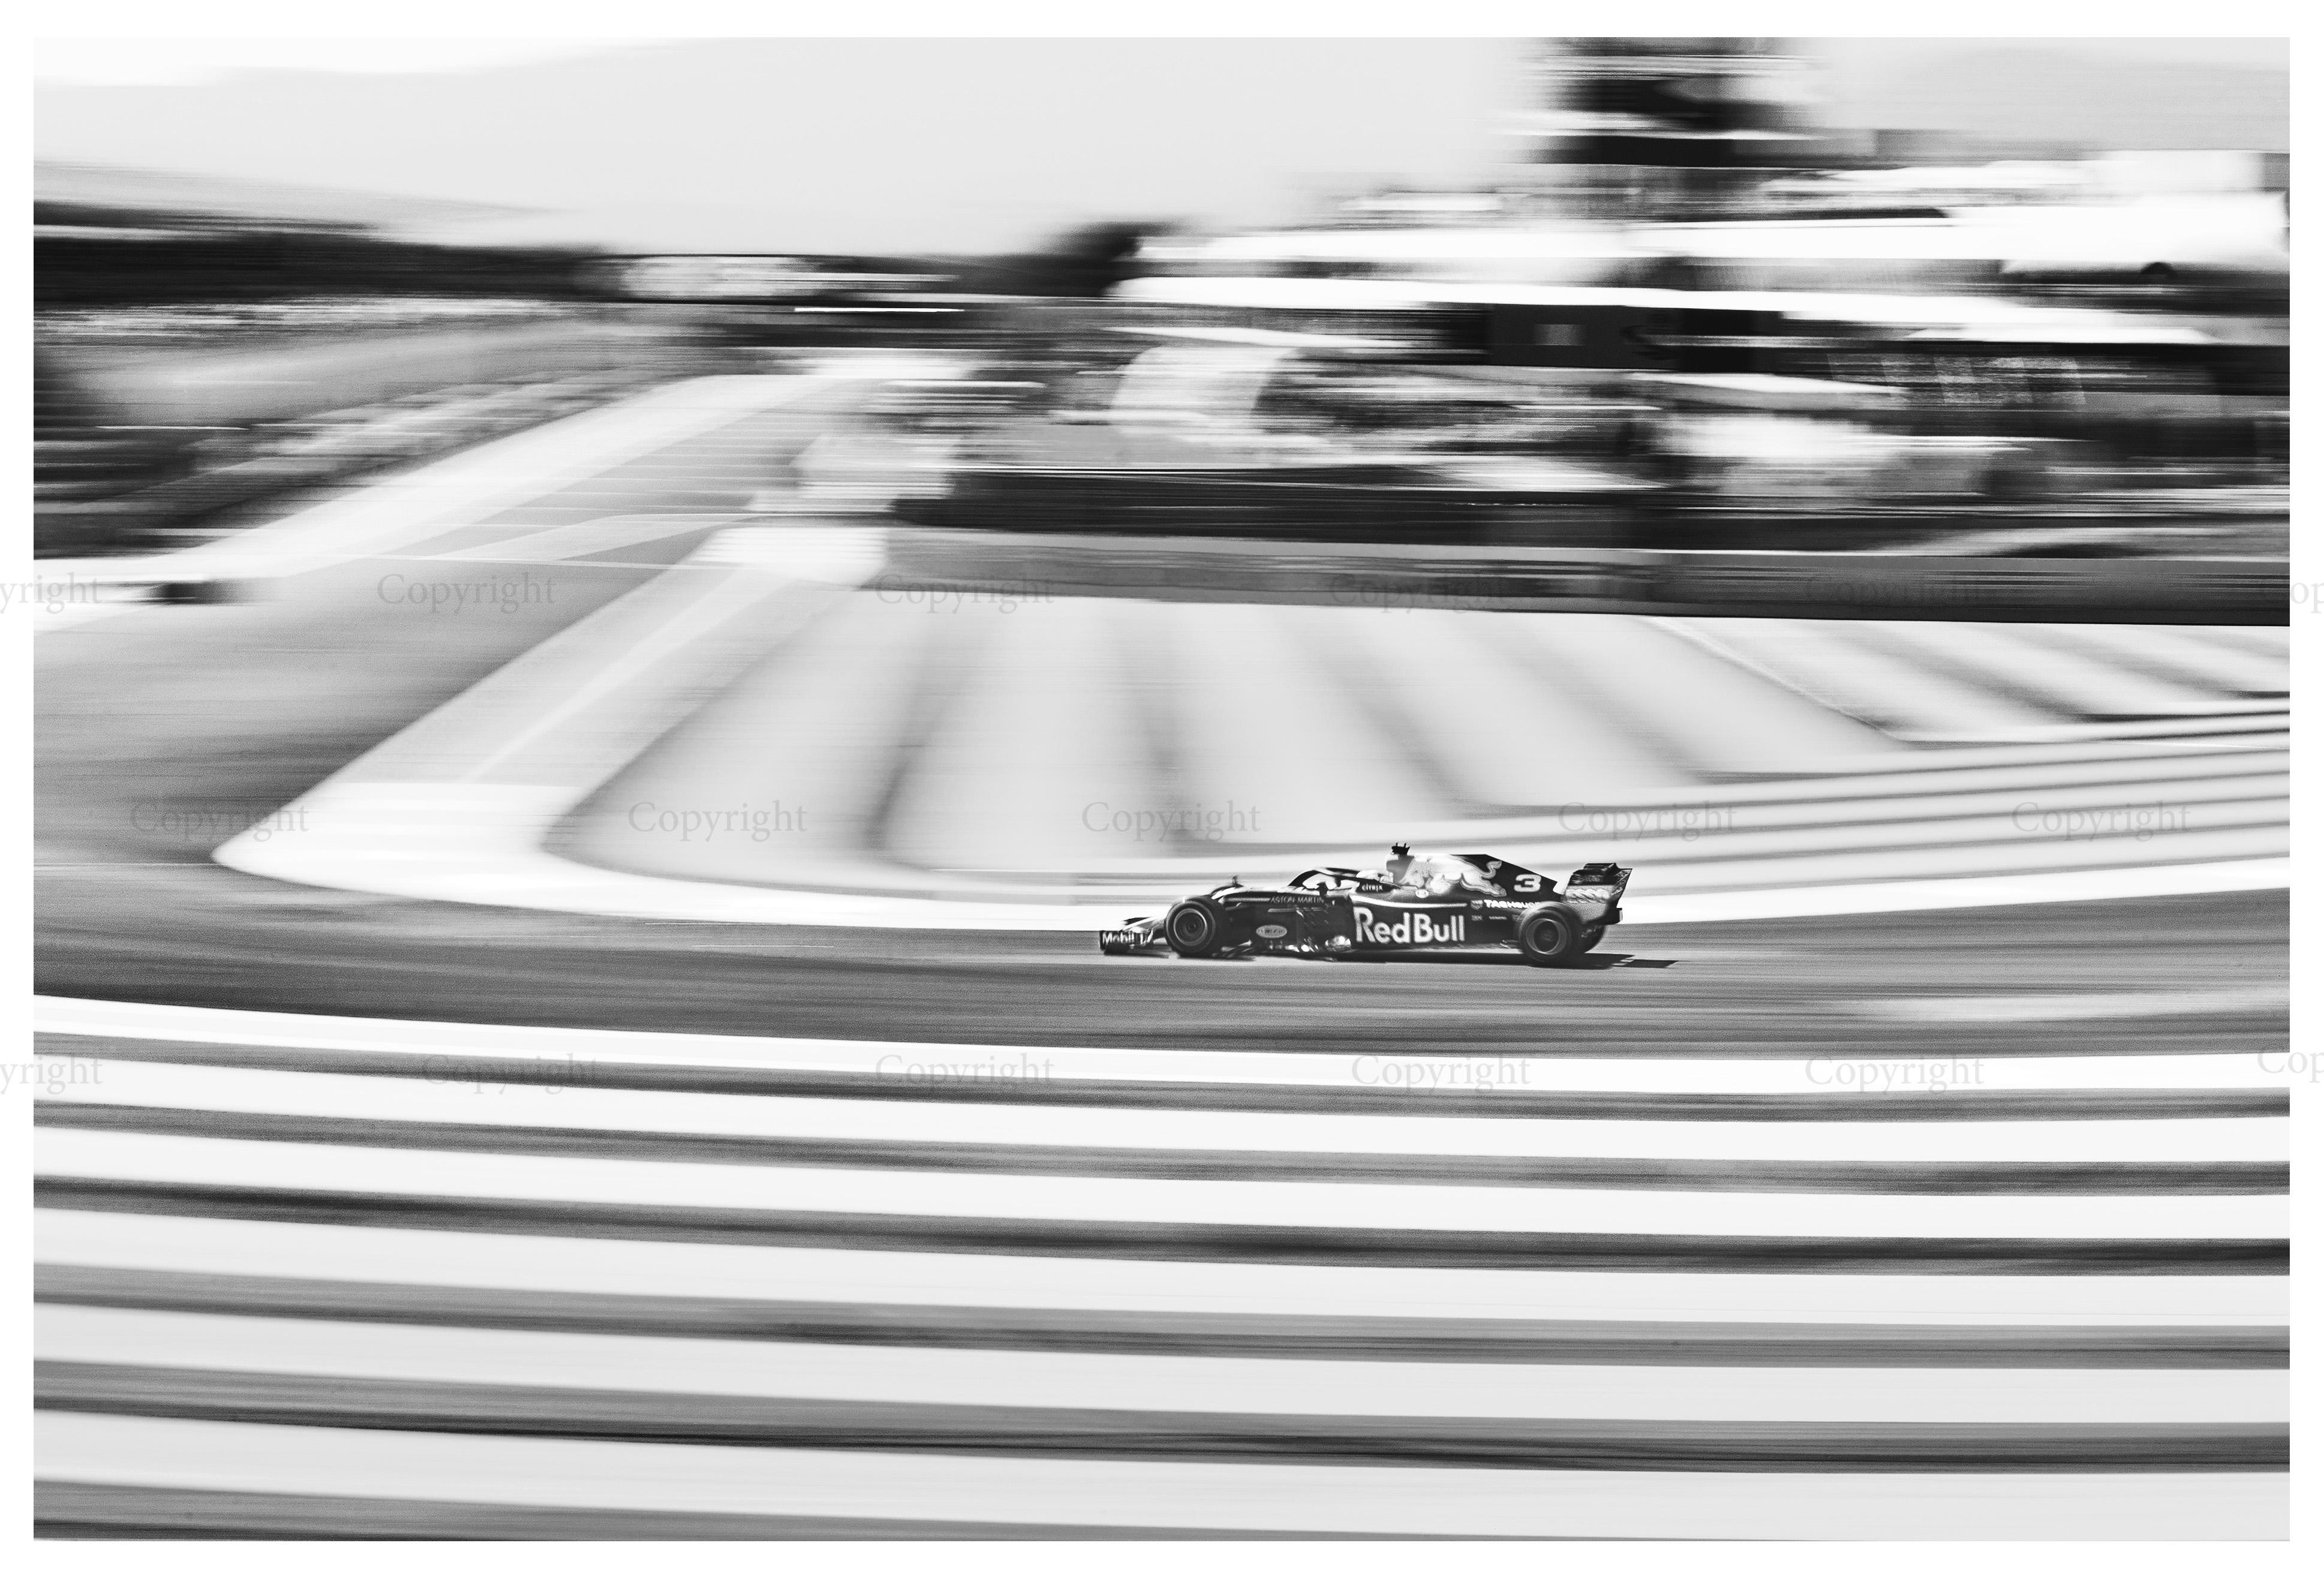 Ricciardo NB 6